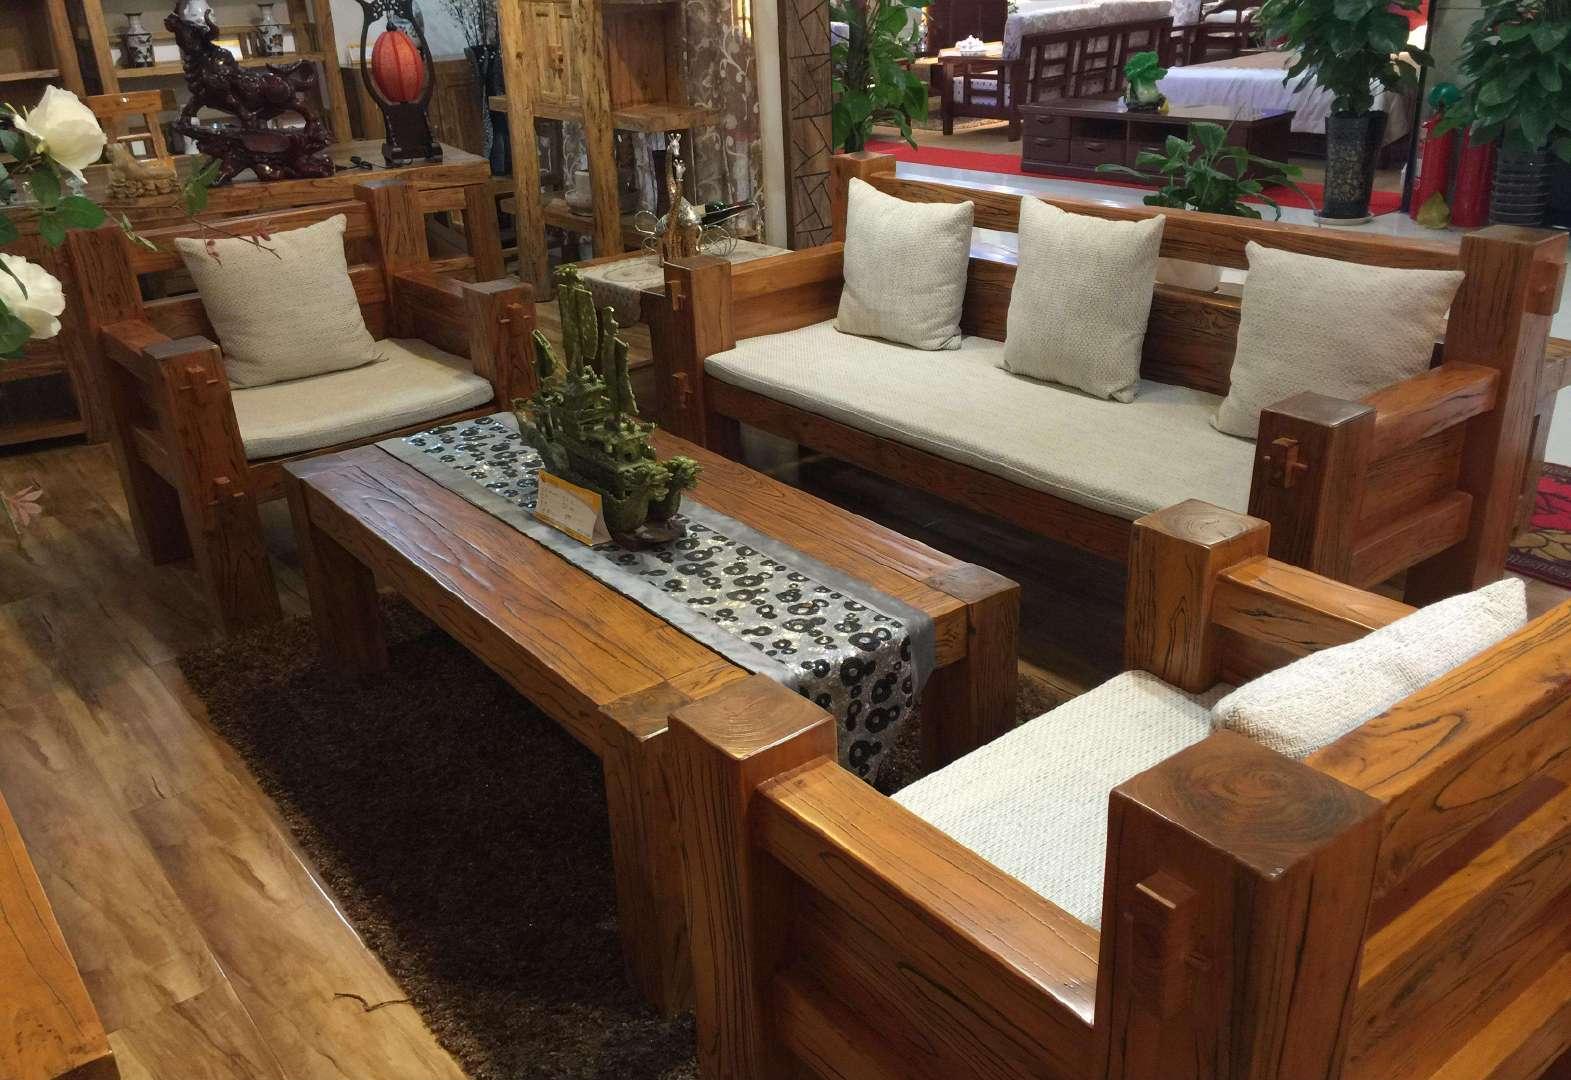 家具沙发维修后的维护4大要点-家具美容网